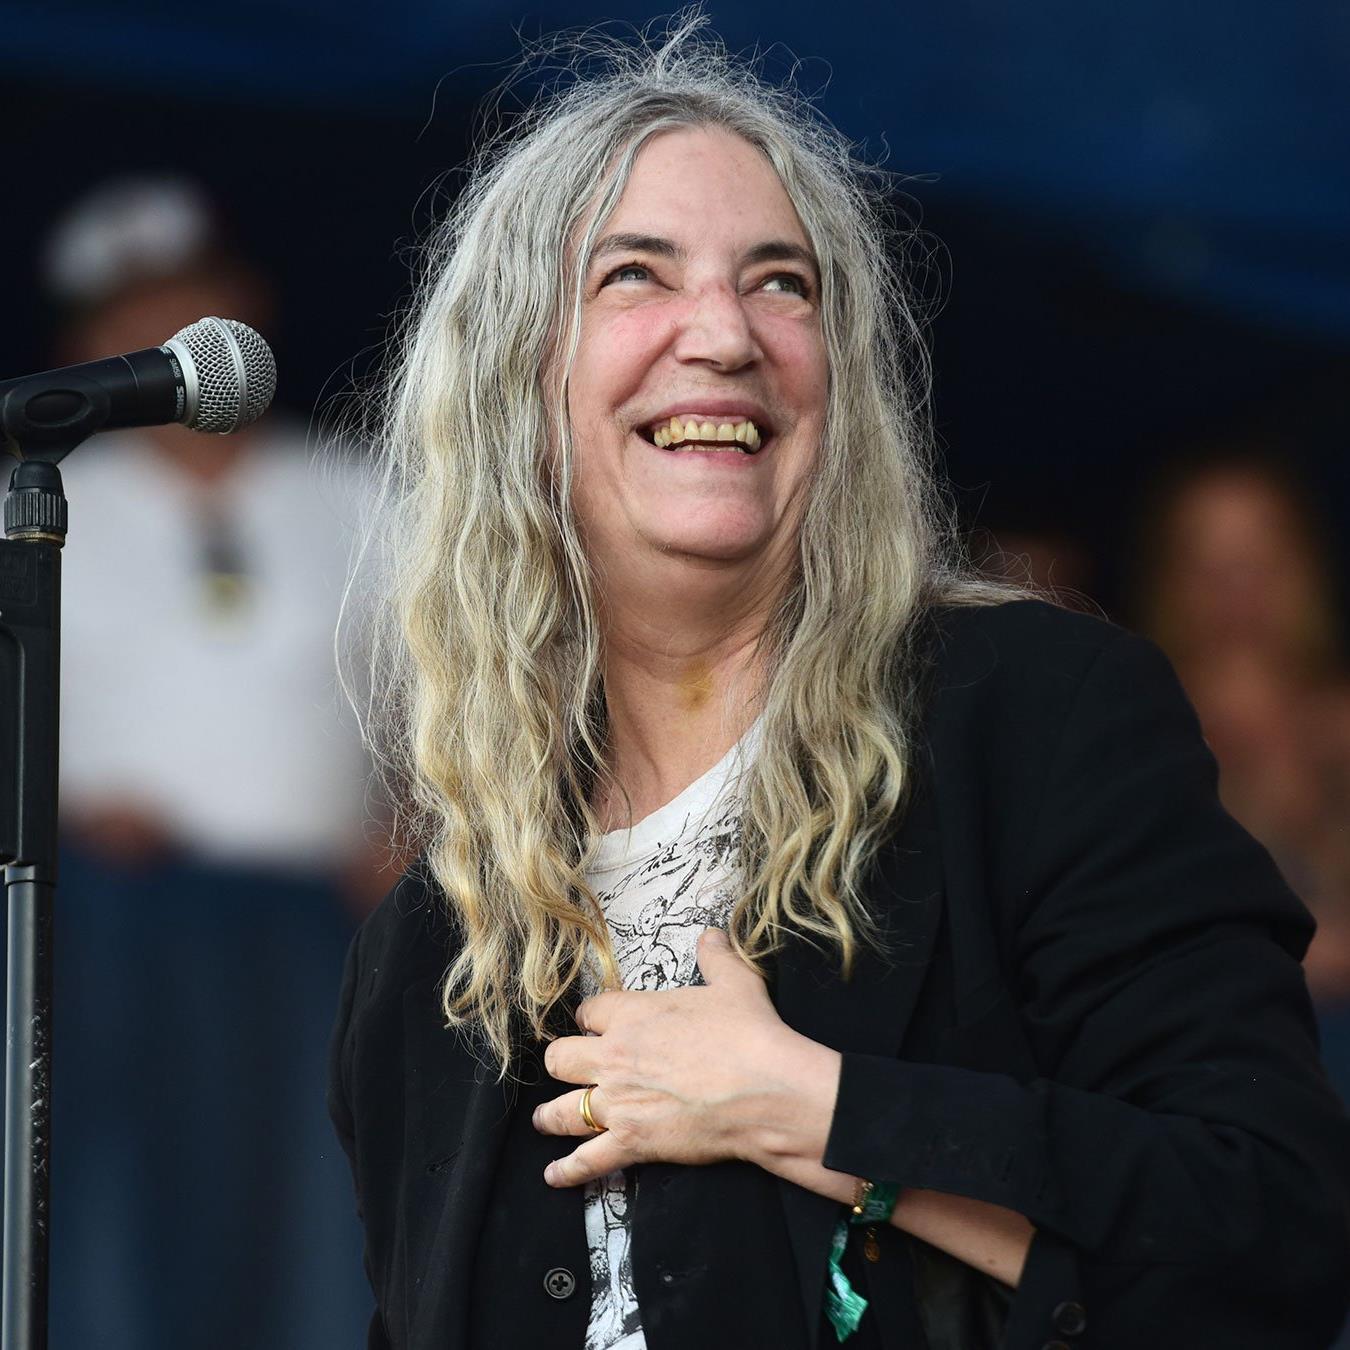 Die US-amerikanische Musikerin Patti Smith beehrte die Viennale